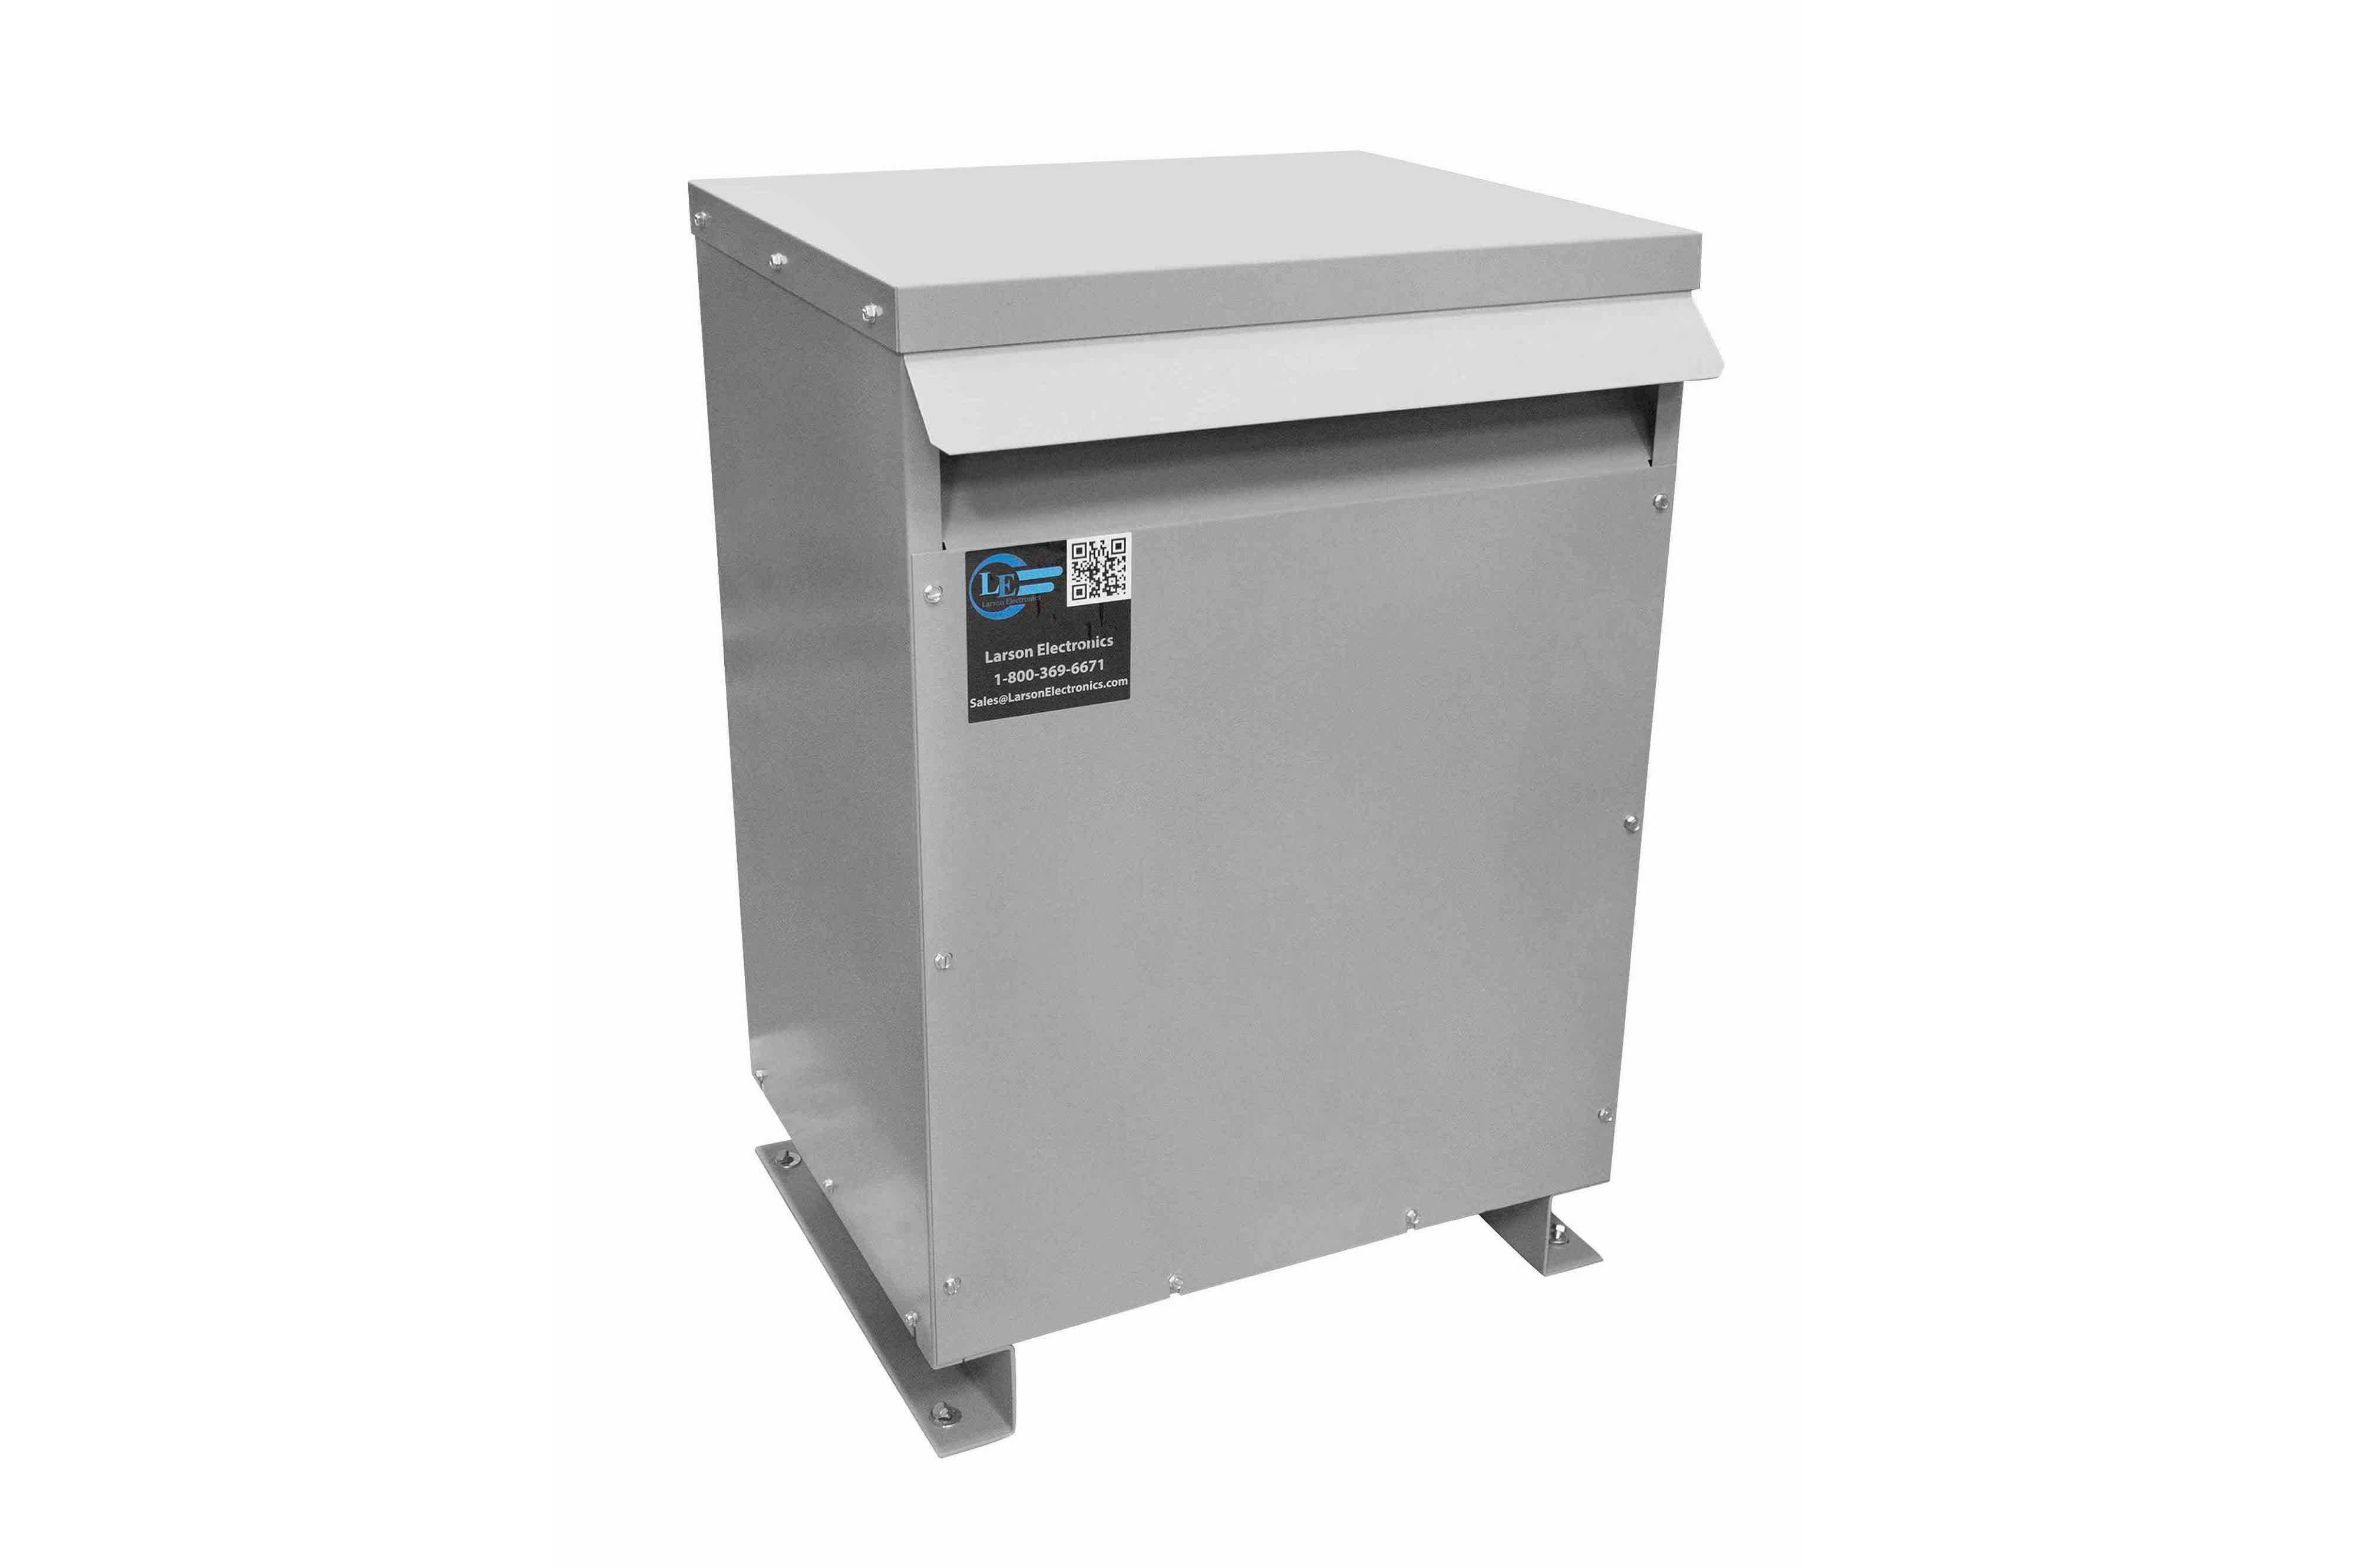 30 kVA 3PH Isolation Transformer, 400V Delta Primary, 208V Delta Secondary, N3R, Ventilated, 60 Hz